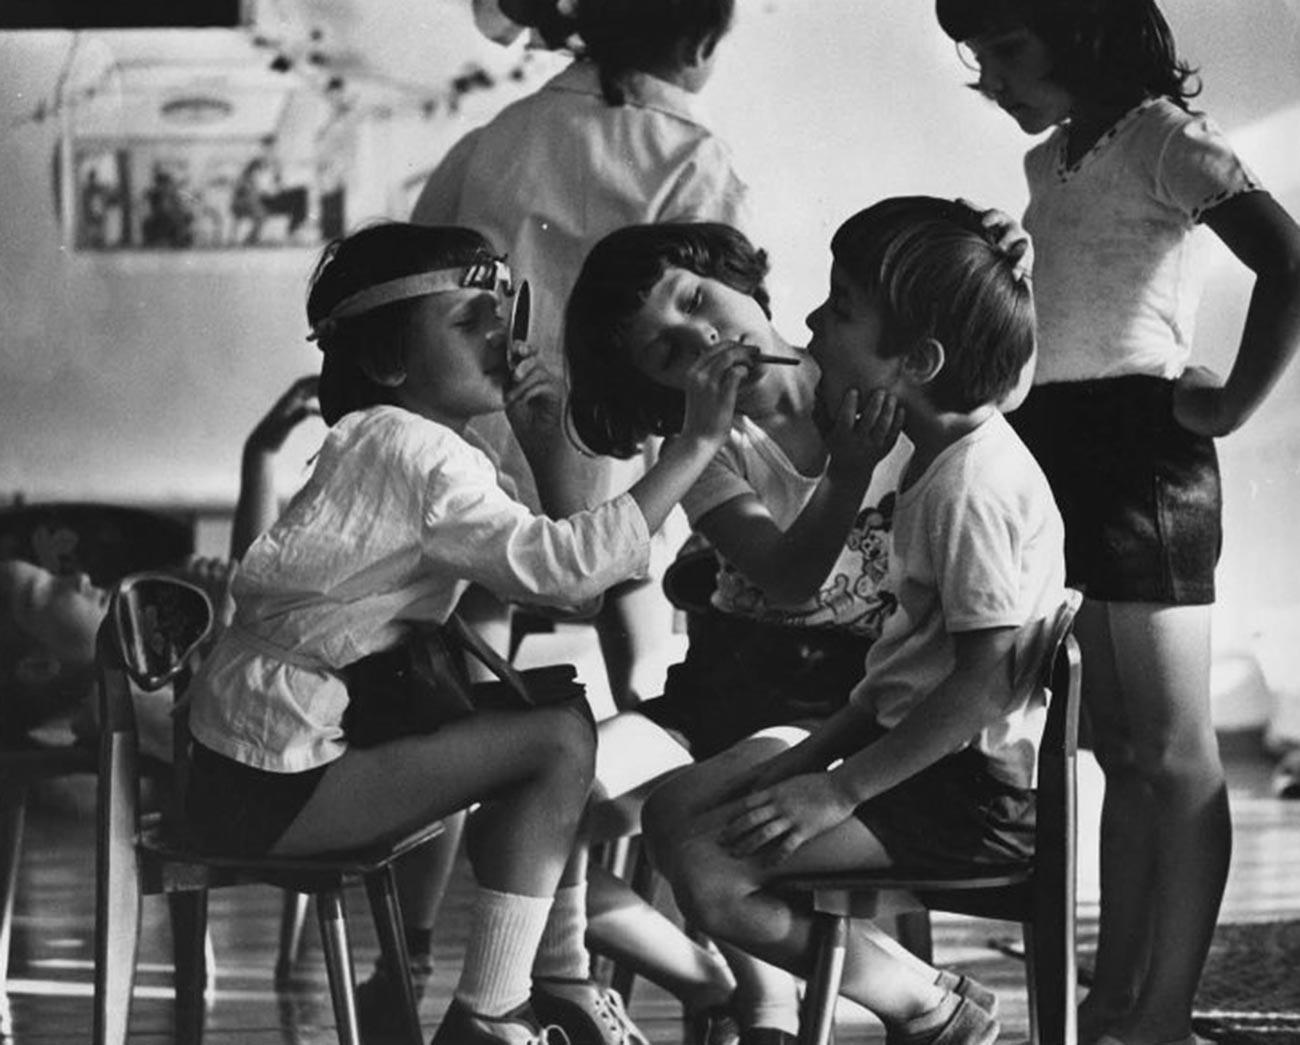 Jugando a ser dentistas. Jardín de infancia, 1985.